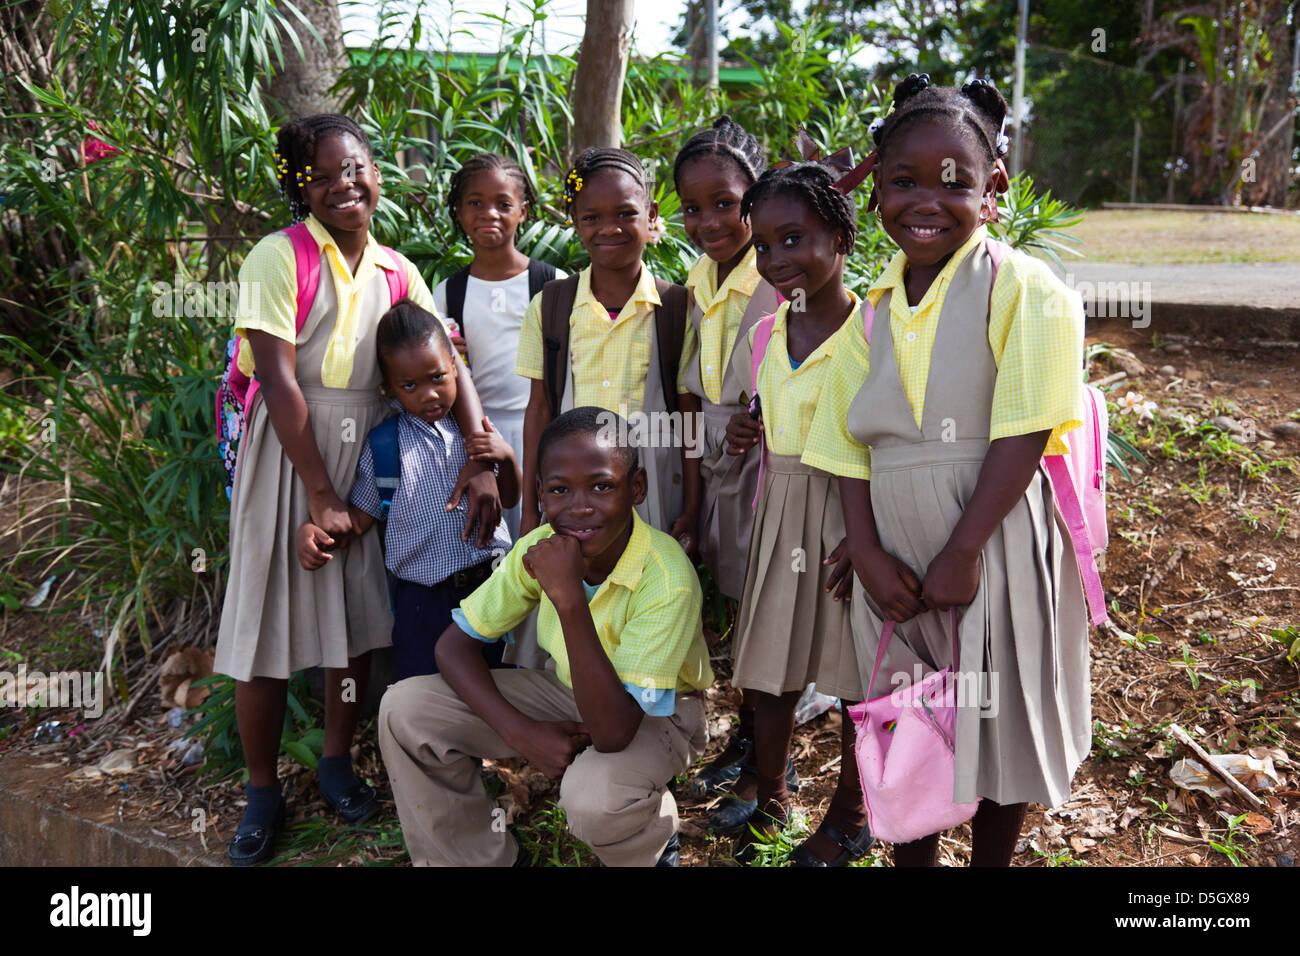 Dominica, Wesley, schoolchildren. - Stock Image